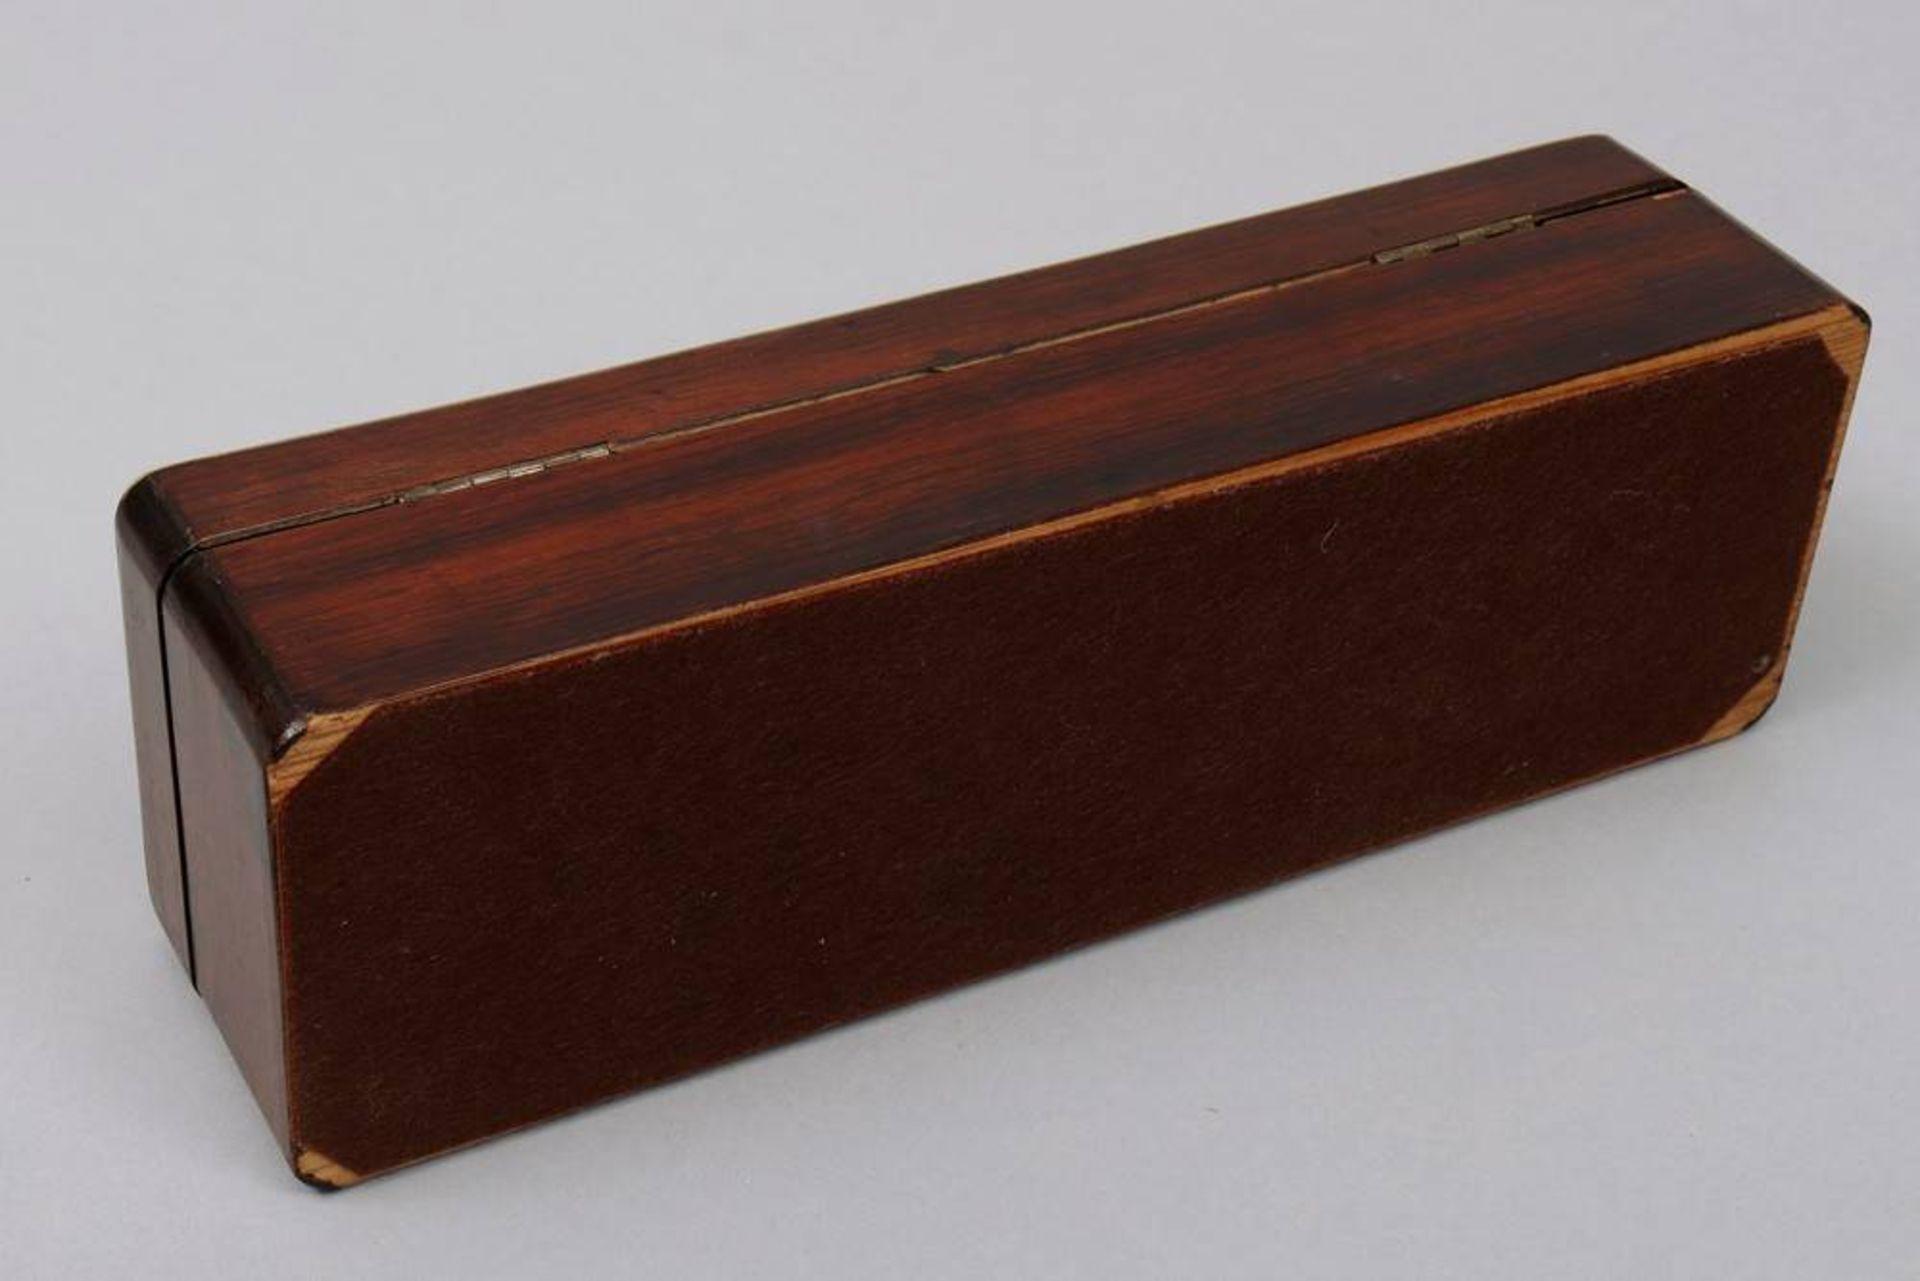 Holzschatulle, wohl deutsch, um 1900 - Bild 4 aus 5